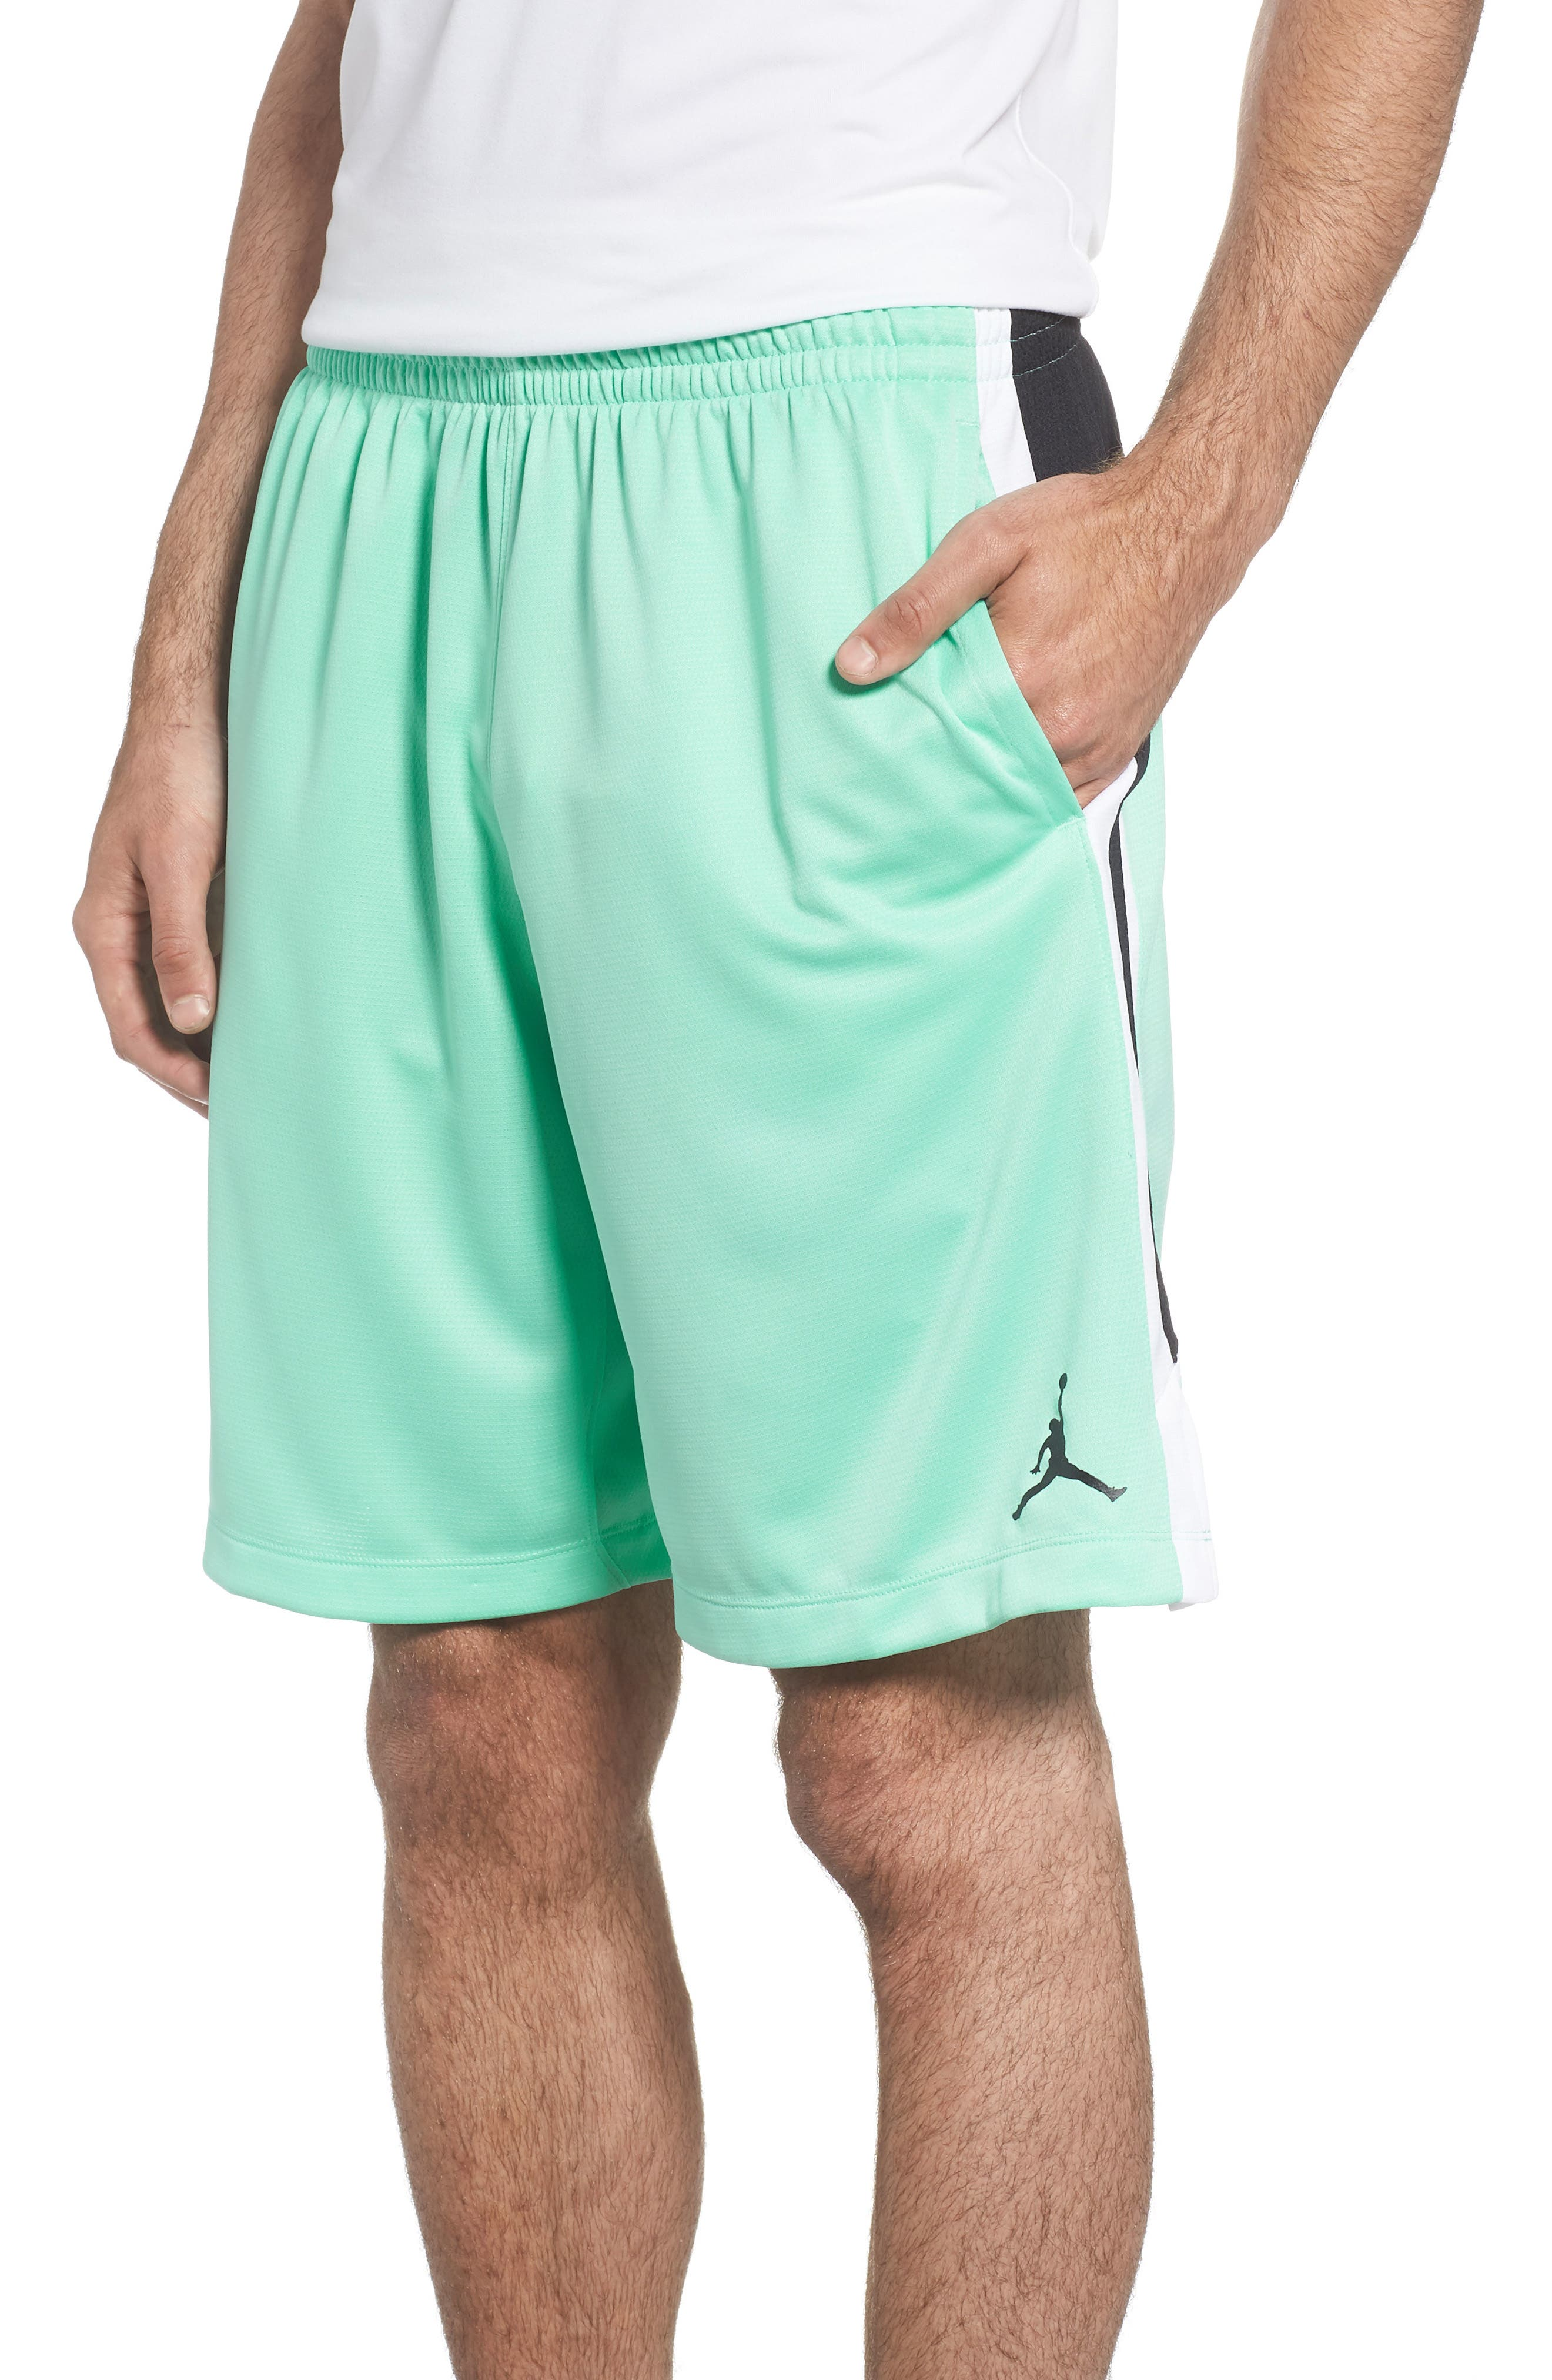 Jordan Dry Flight Shorts,                         Main,                         color, Emerald Rise/ Black/ White